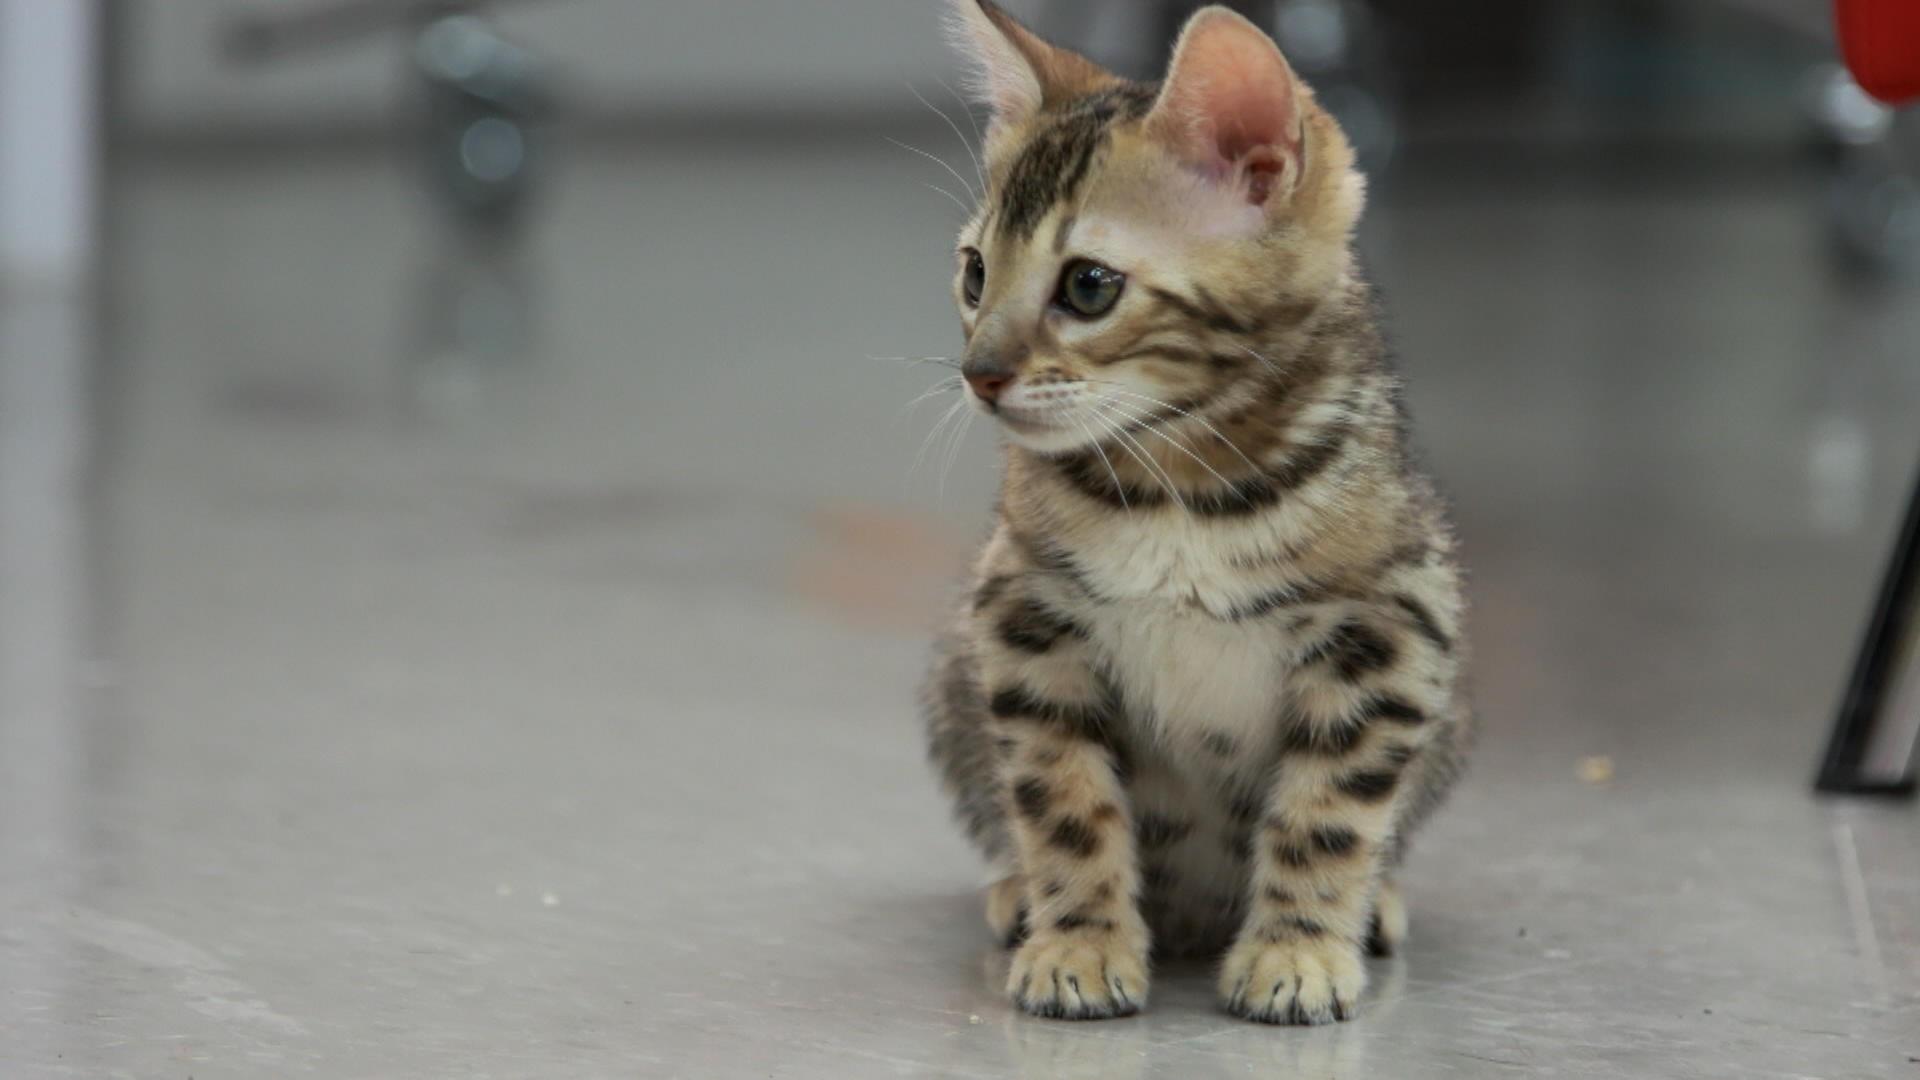 Le chat de bengal 100 animal zone vid o t l qu bec - Chat du bengal gratuit ...